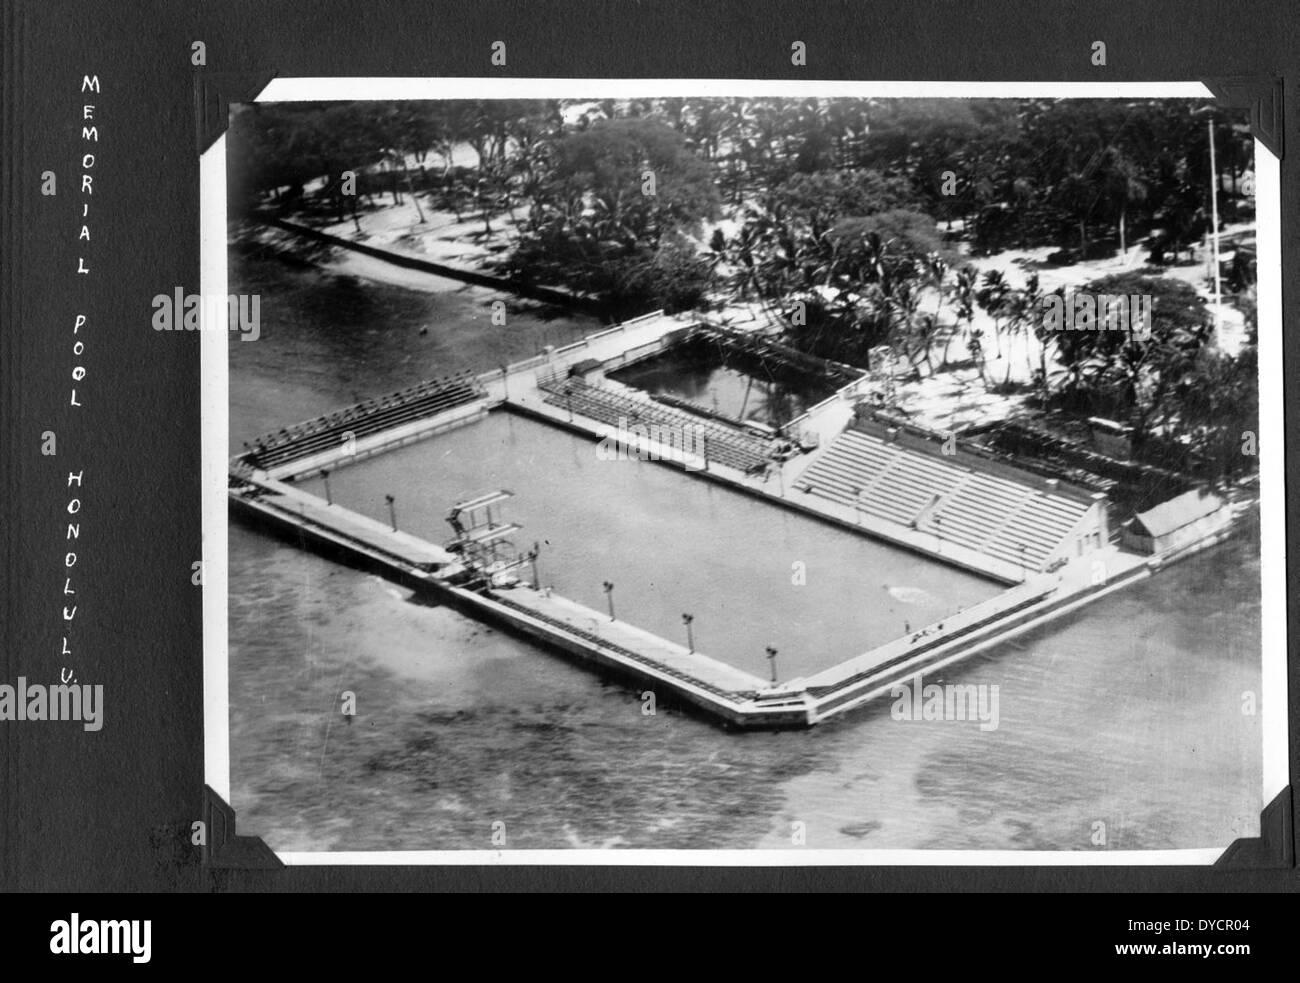 AL246 009 Memorial Pool, Honolulu - Stock Image